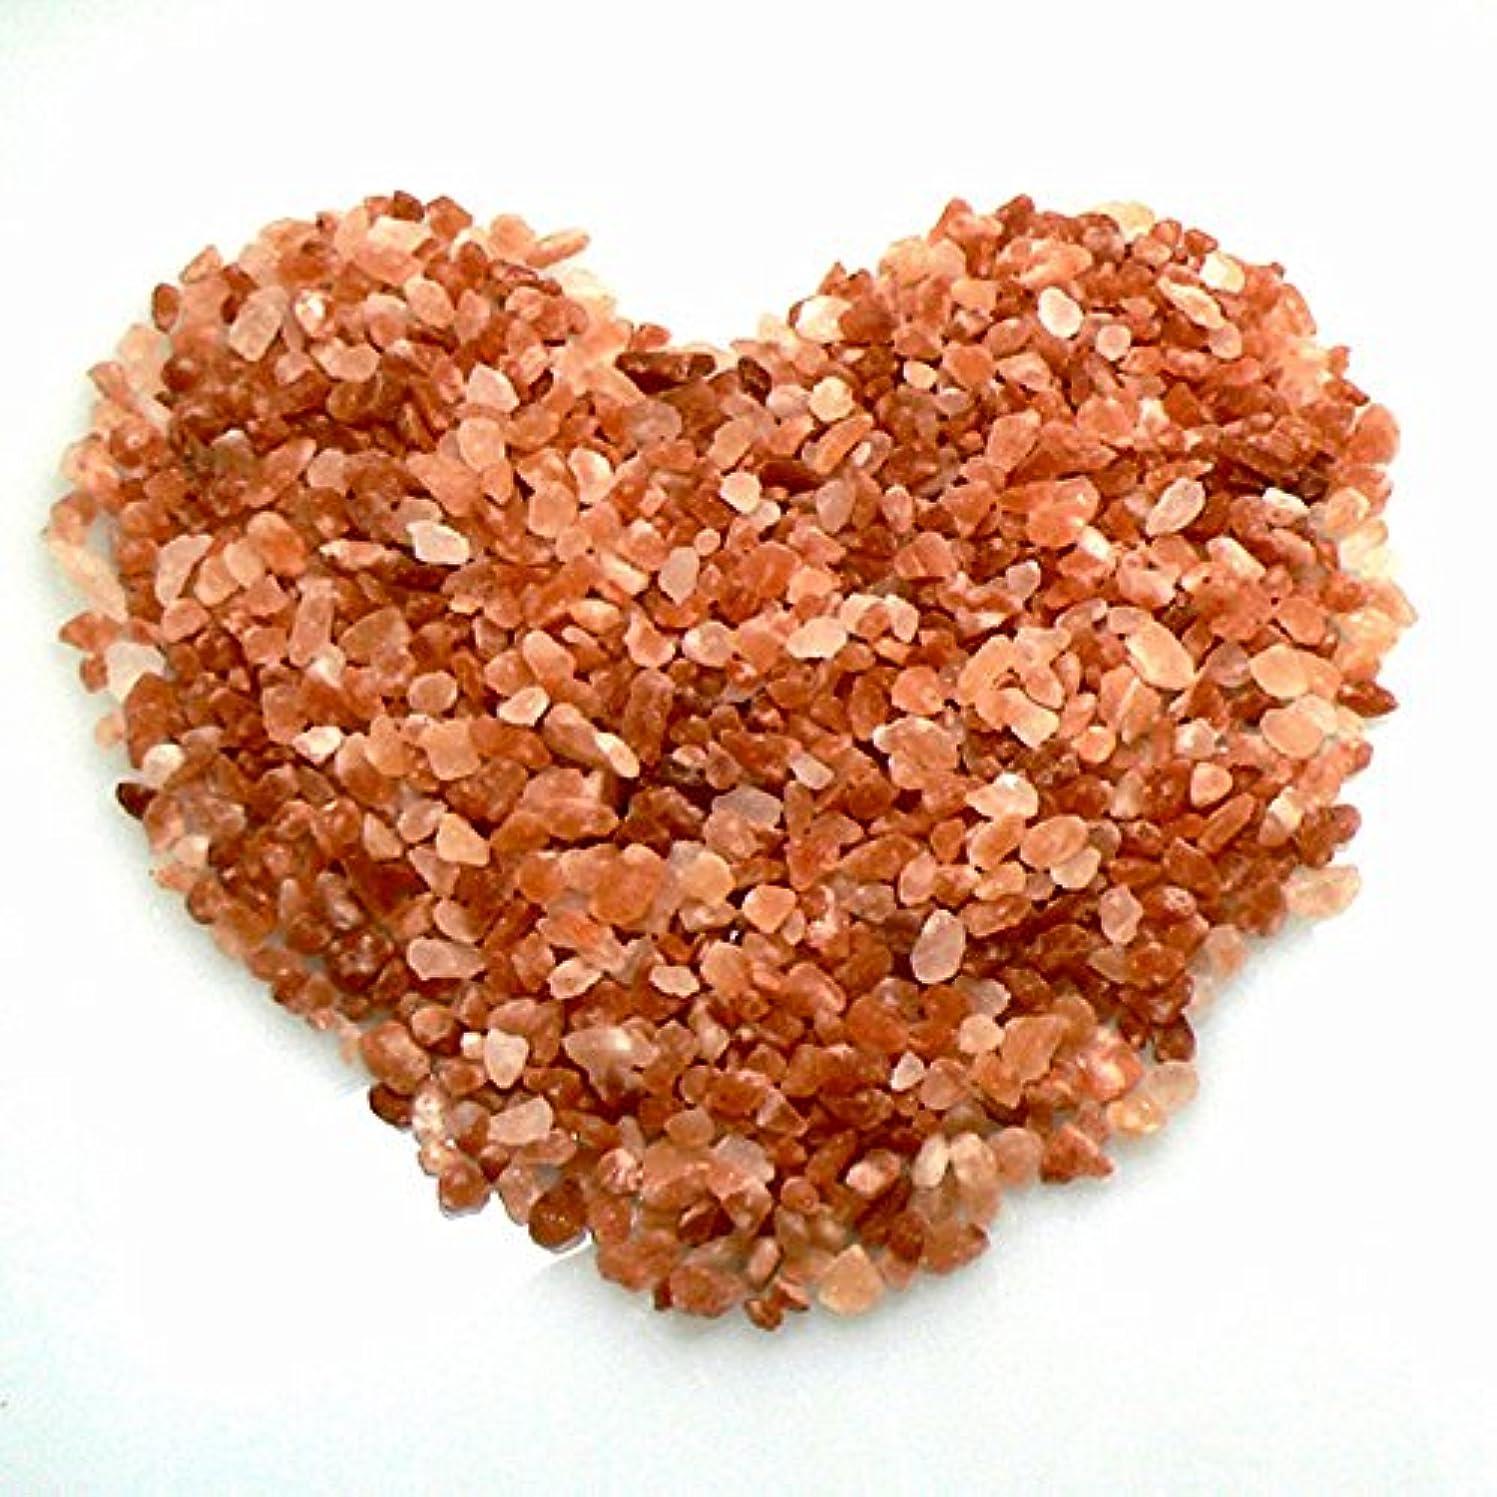 国家警報不機嫌そうな増量中!ヒマラヤ岩塩 ピンクソルト 入浴用 バスソルト(小粒) ピンク岩塩 (5kg+1kg増量)